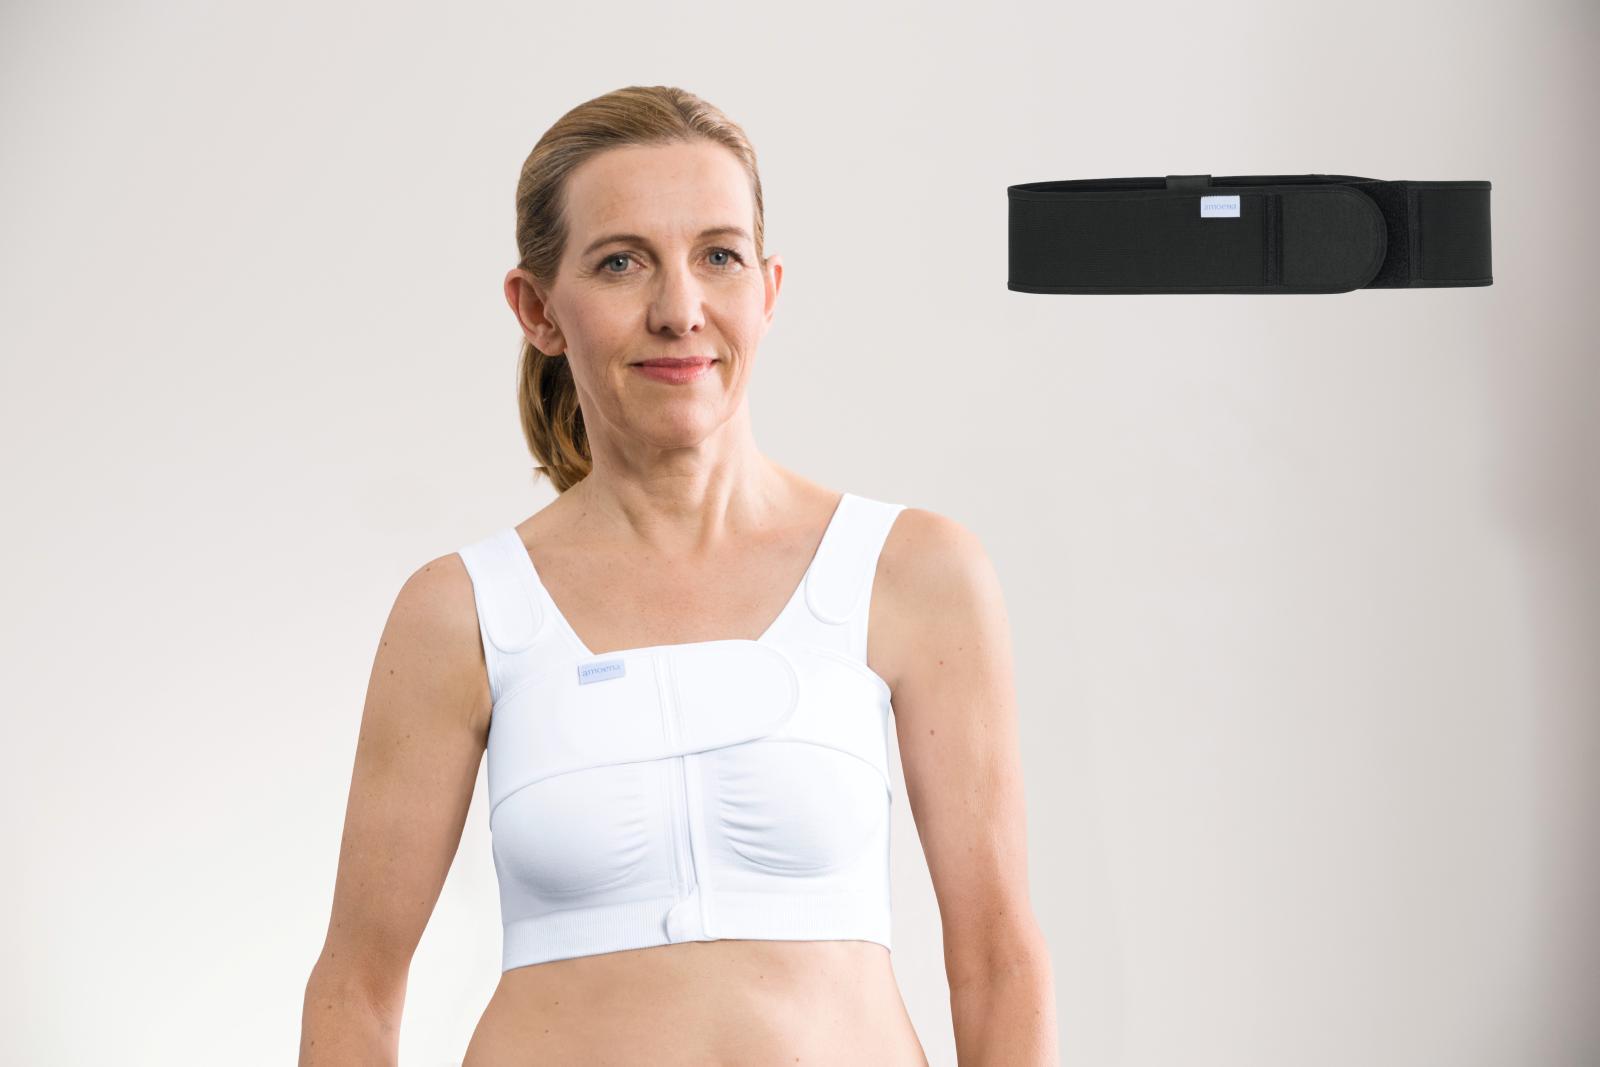 С любовью к себе: как белье Amoena помогает быстро и грамотно восстановиться после операции на груди